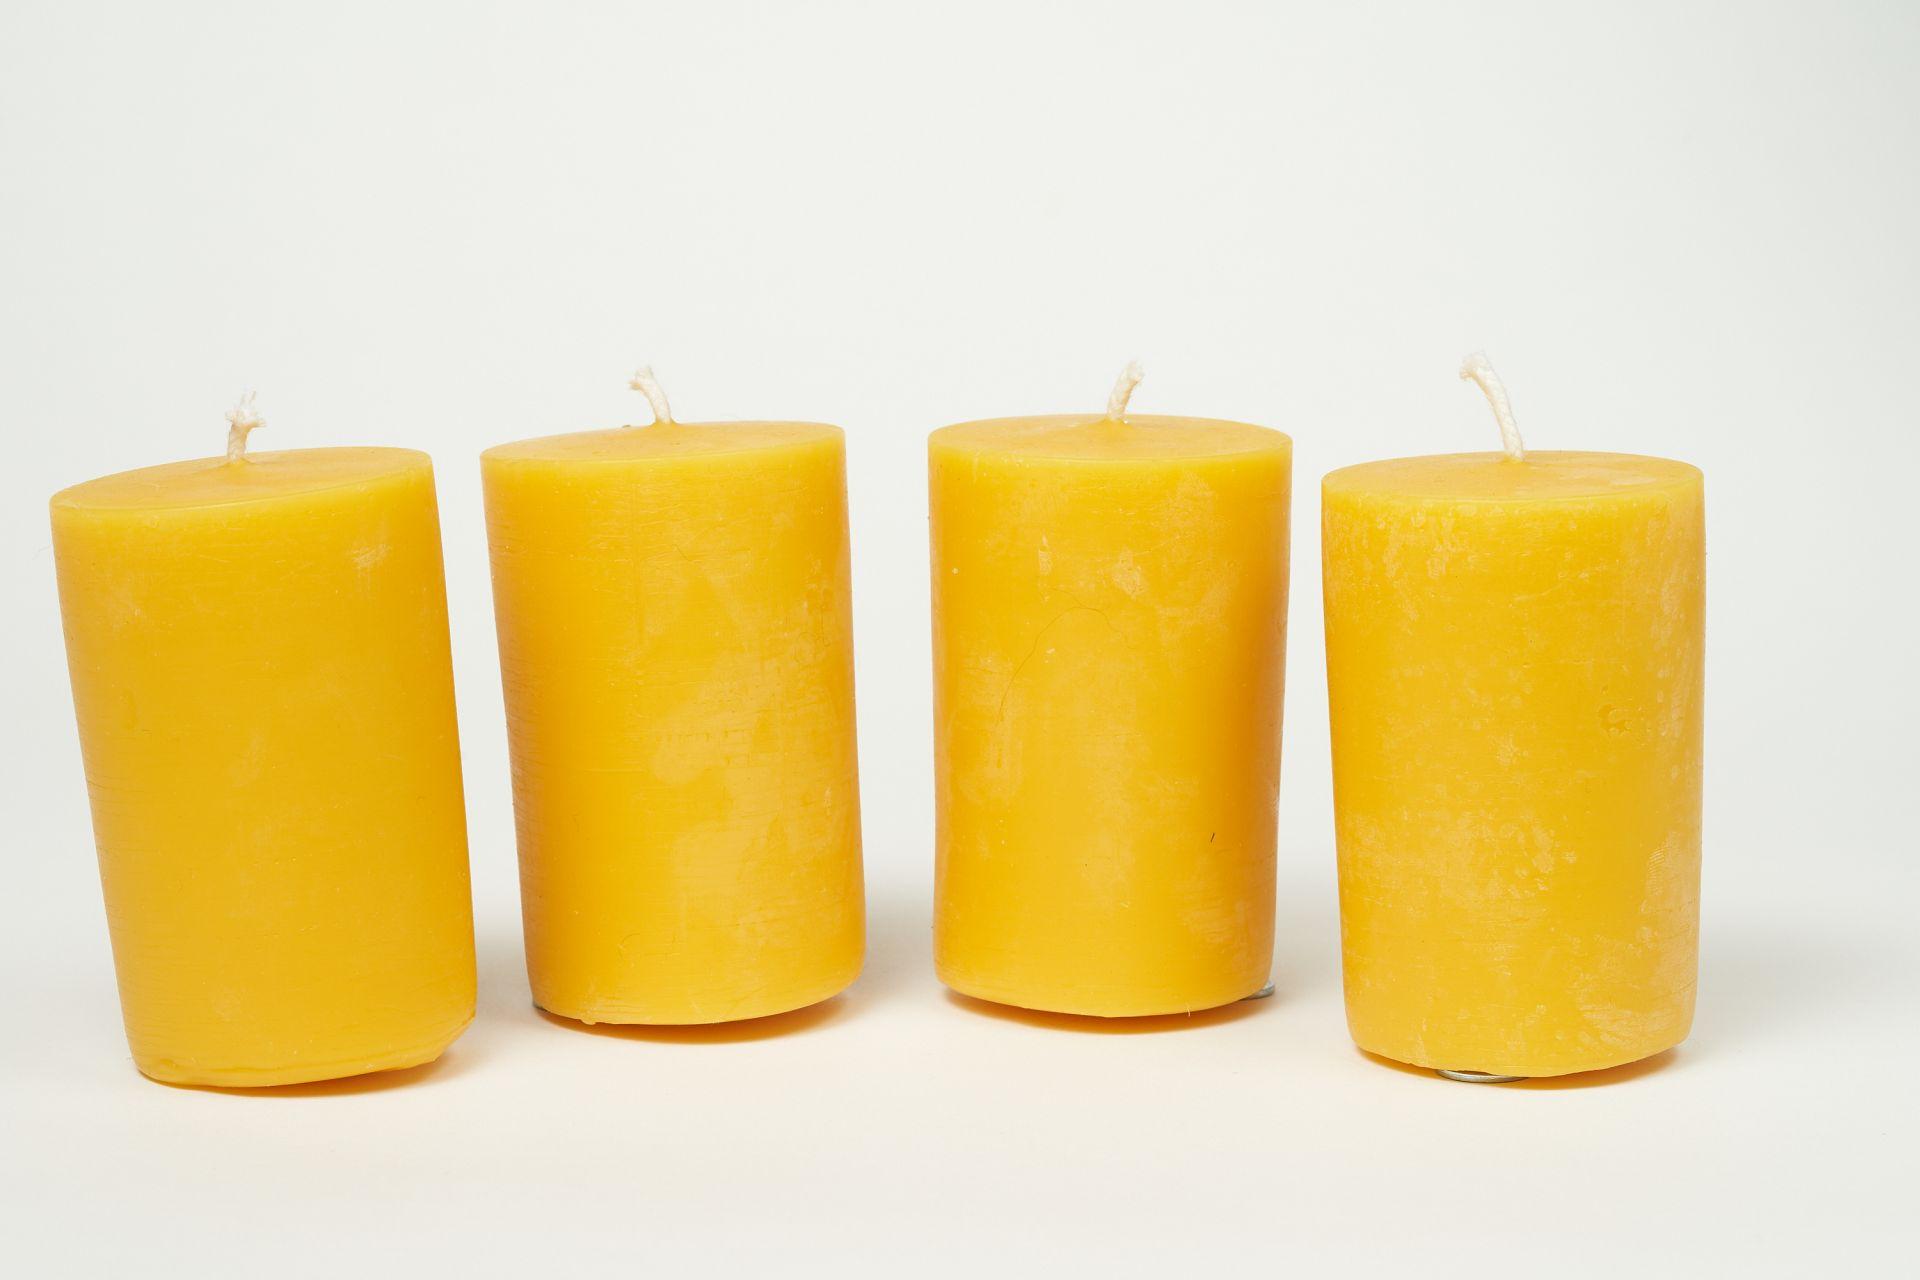 4 Stumpenkerzen (ca. 9cm x 6cm) aus 100% Bienenwachs vom Imker